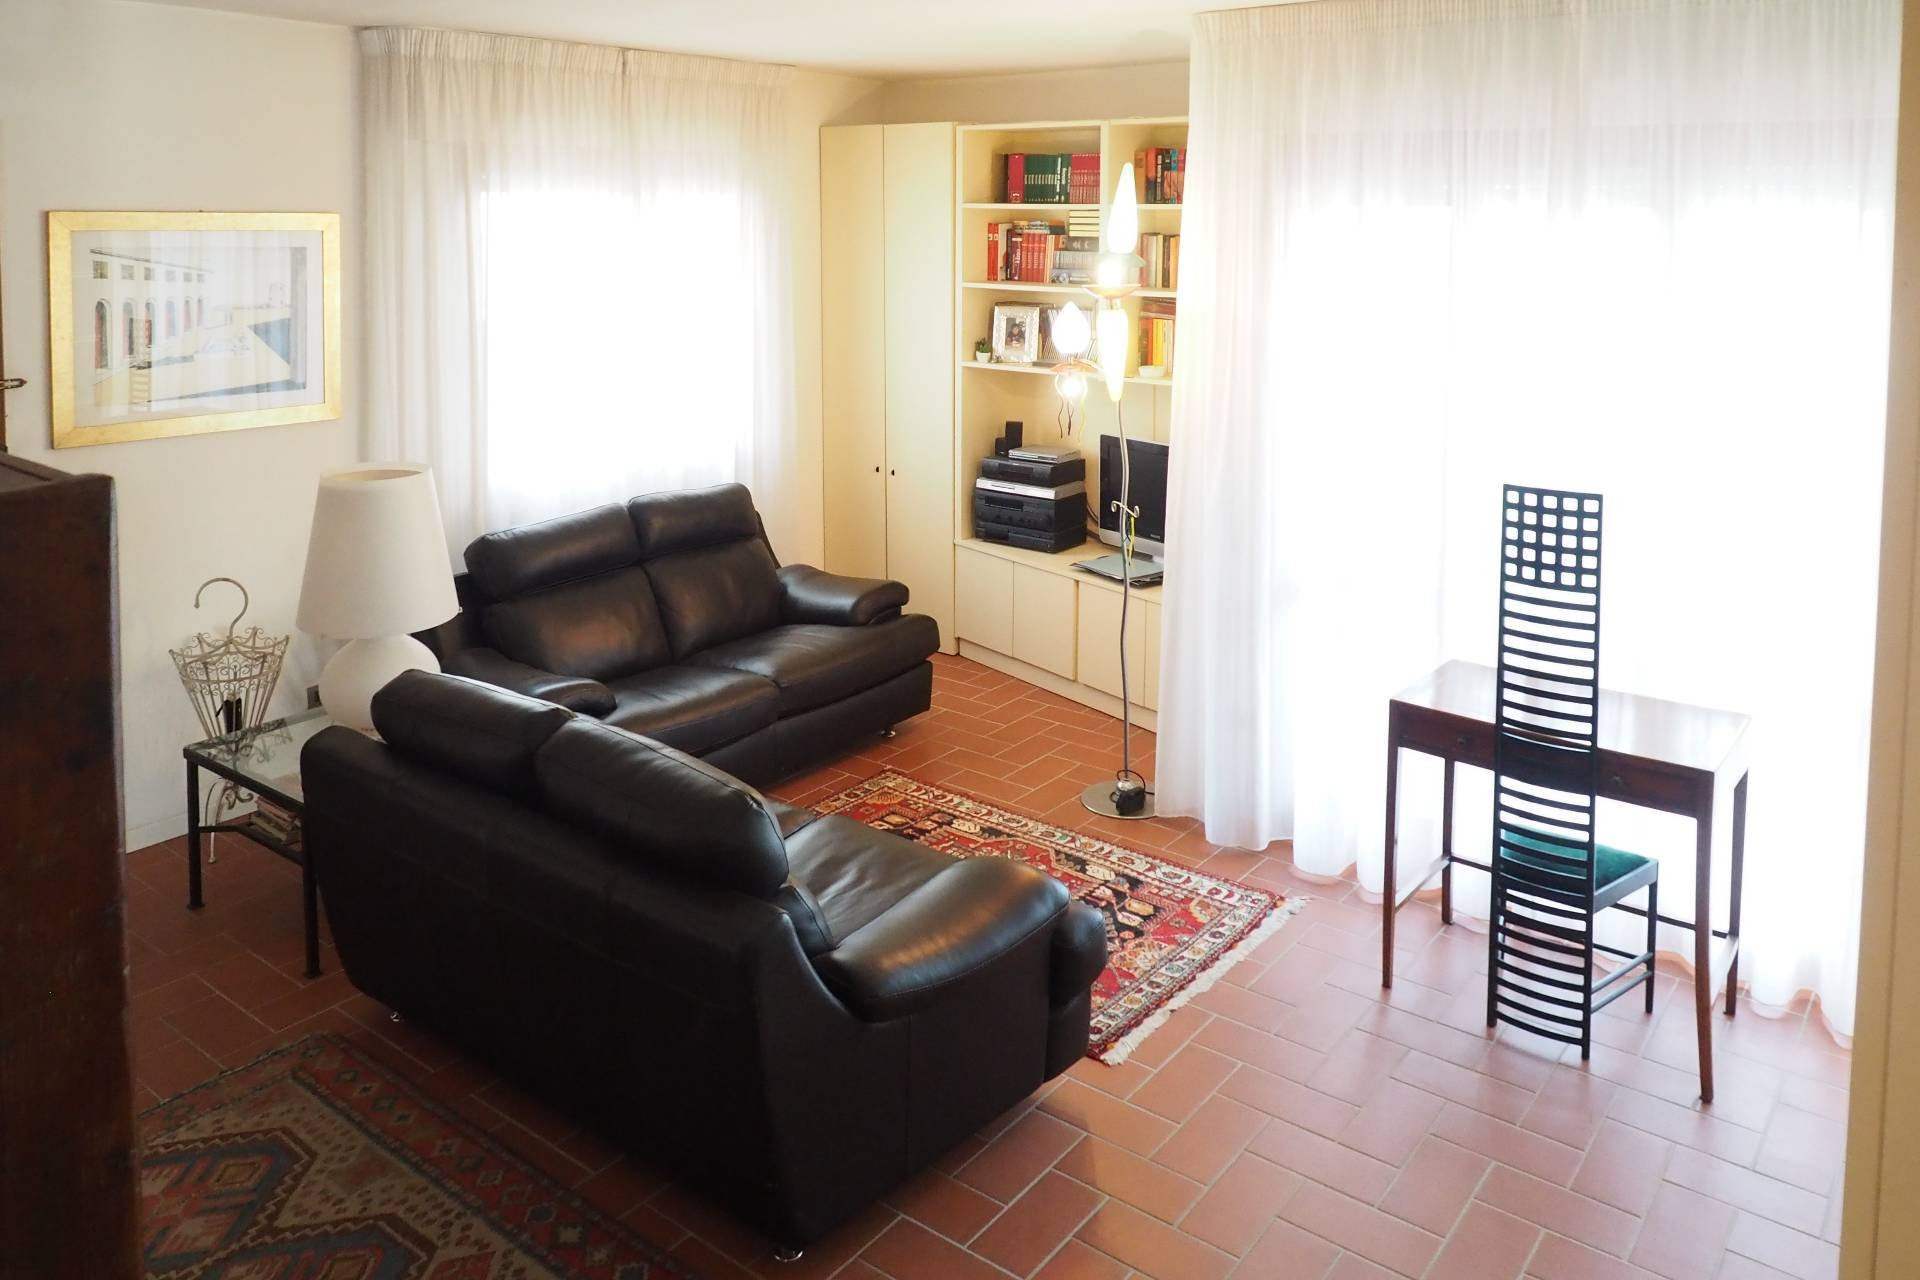 Villetta bifamiliare/Duplex in vendita a Pisa